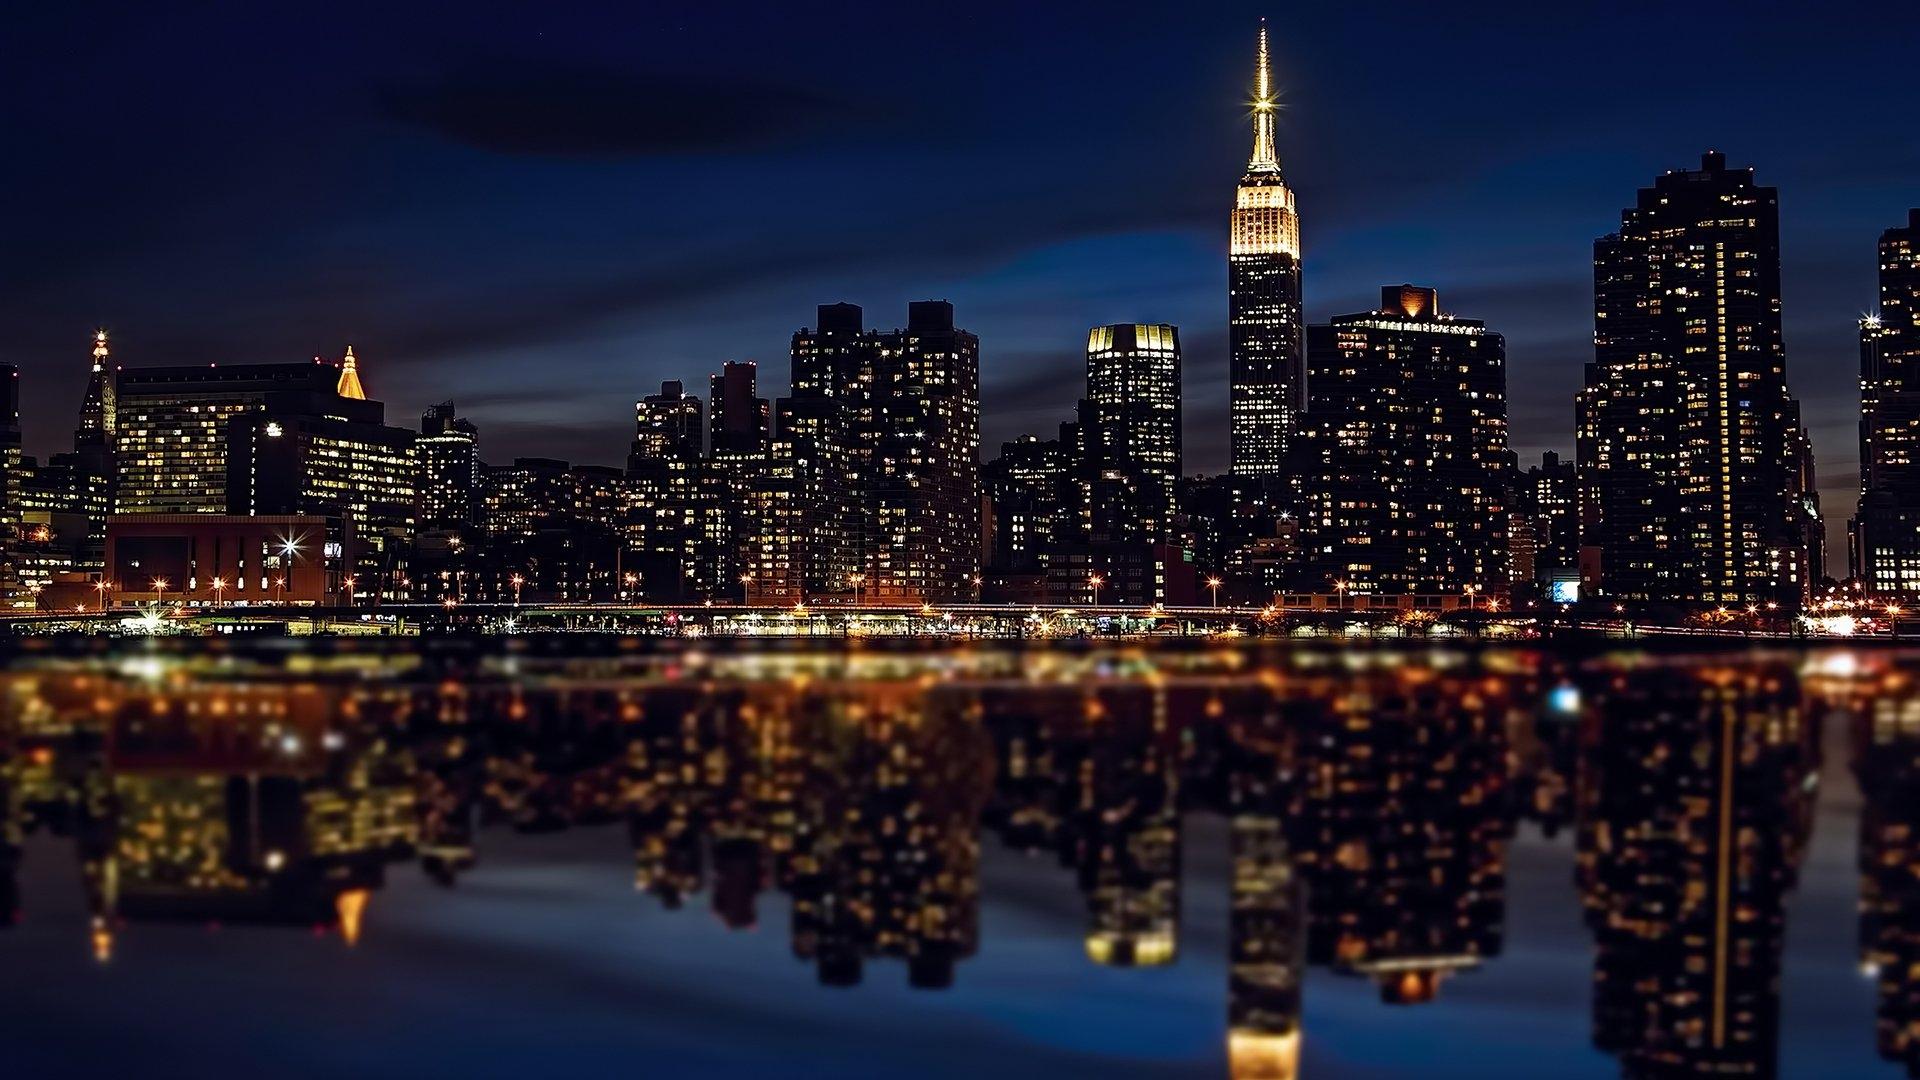 фишка картинки для рабочего город ночью птицы самый